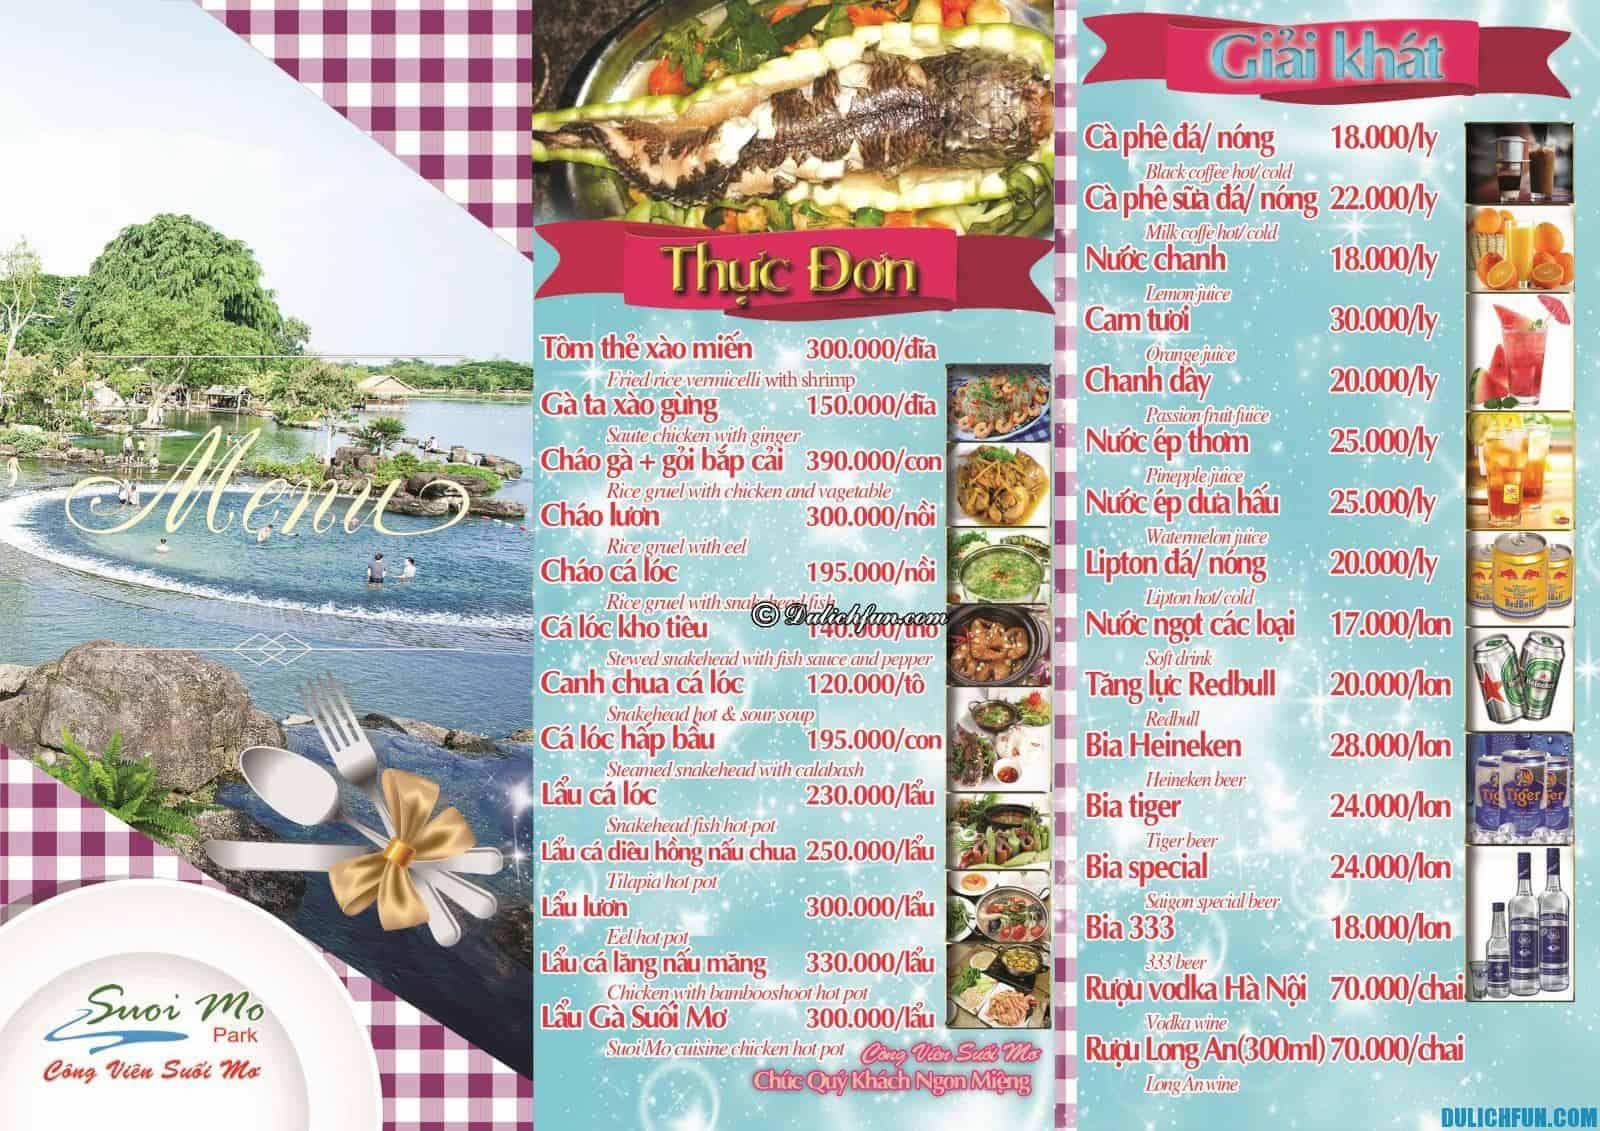 Ăn gì khi đi tham quan công viên Suối Mơ, Đồng Nai: Báo giá thực đơn nhà hàng tại khu du lịch Suối Mơ